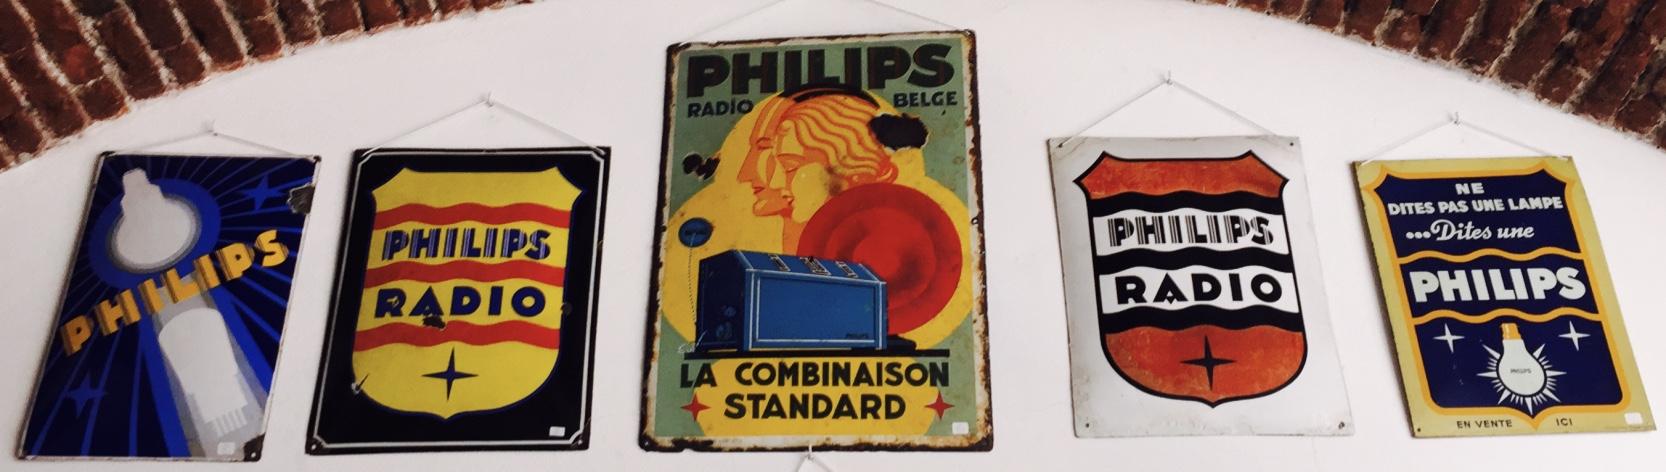 philips 1933